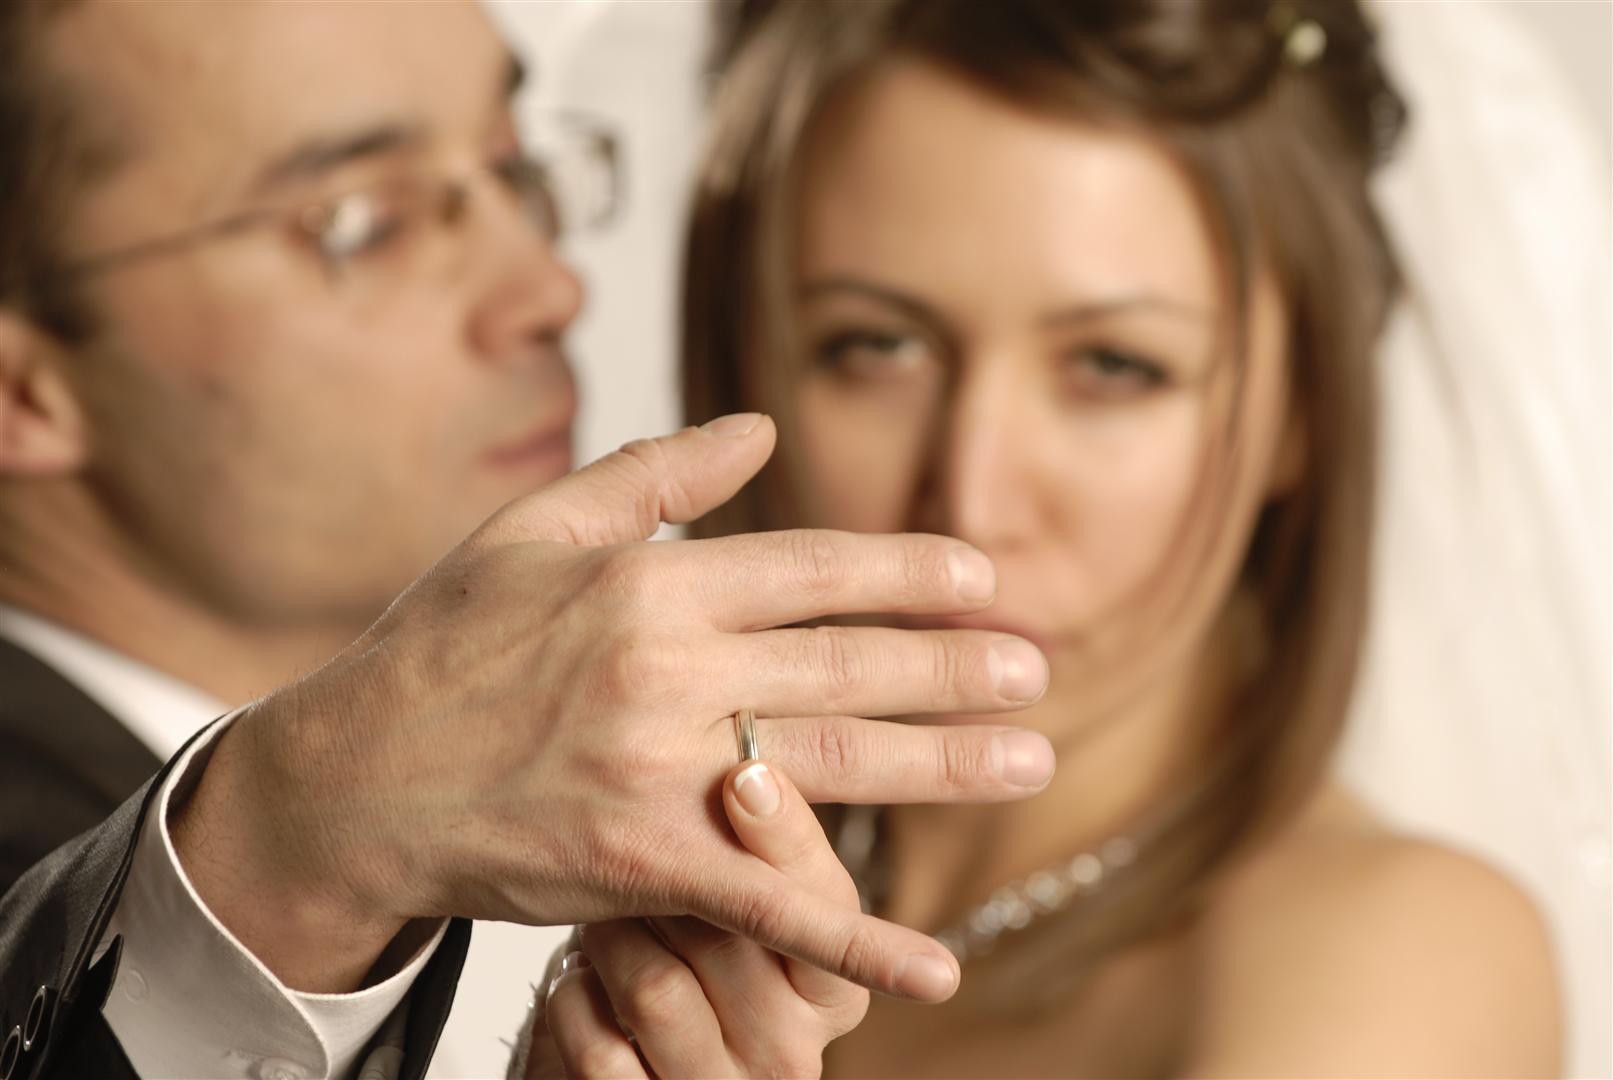 Зачем Женатые Мужчины Знакомятся С Одинокими Женщинами